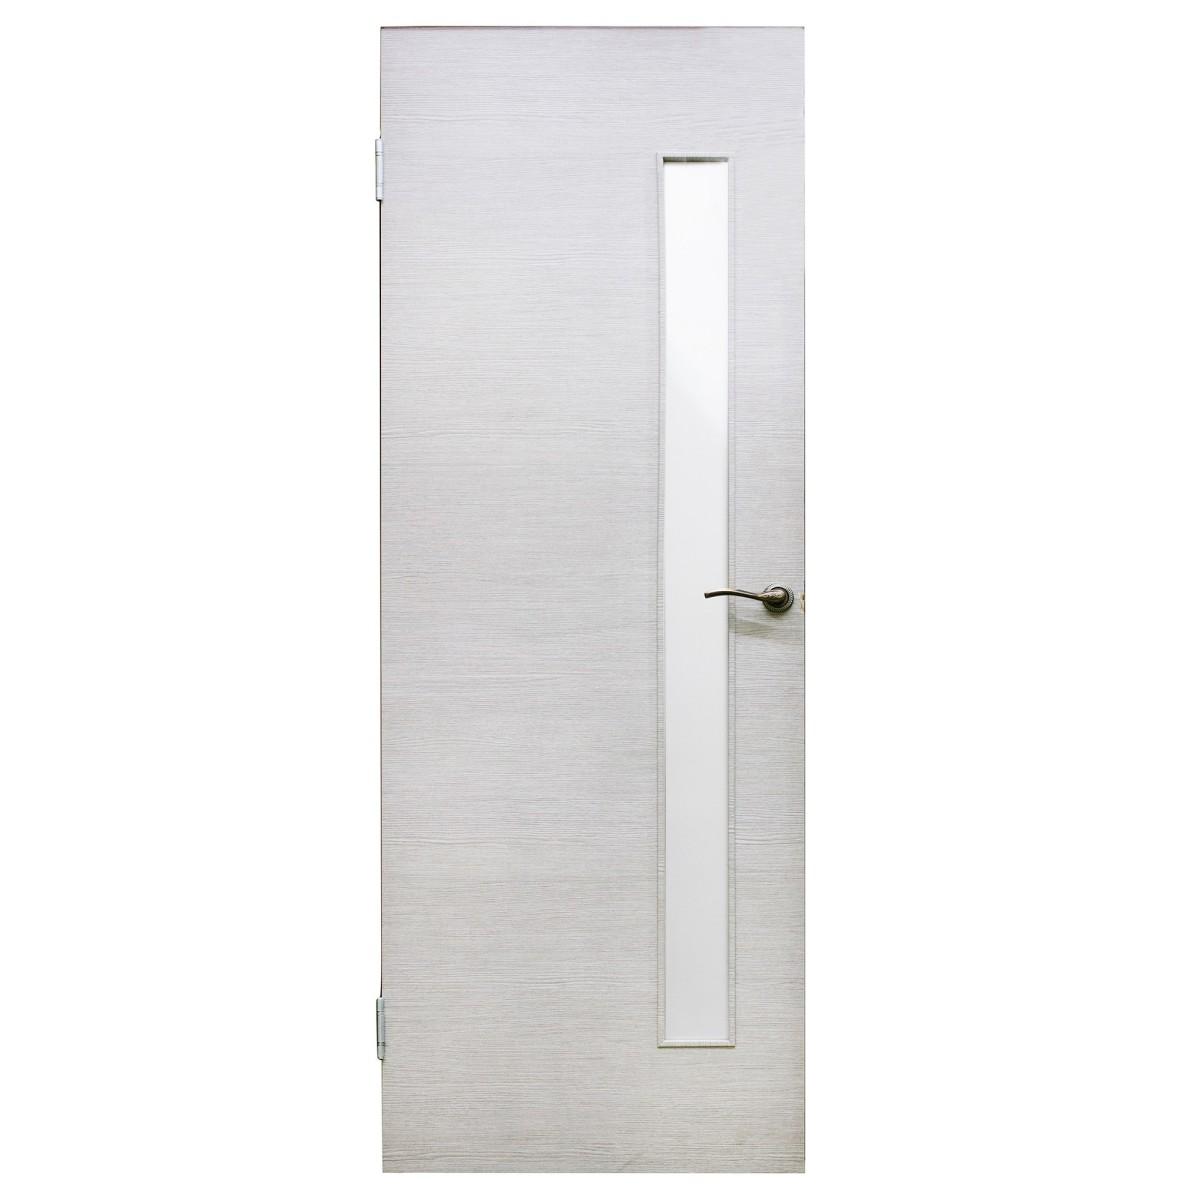 Дверь межкомнатная остеклённая Эклипс 70x200 см цвет серый дуб